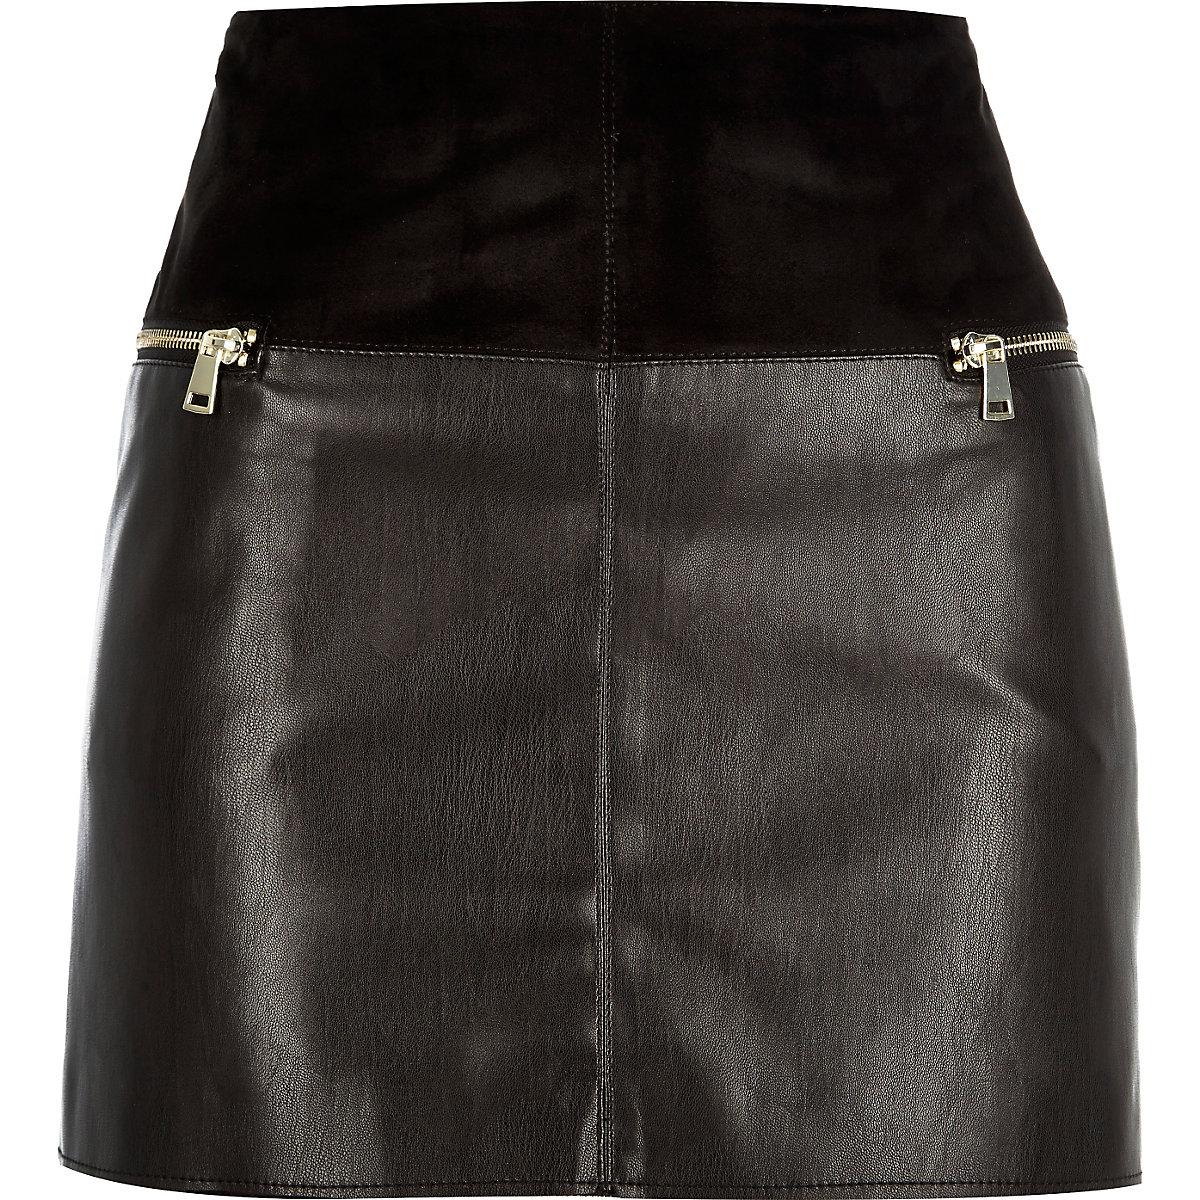 Black leather-look zip side pelmet skirt